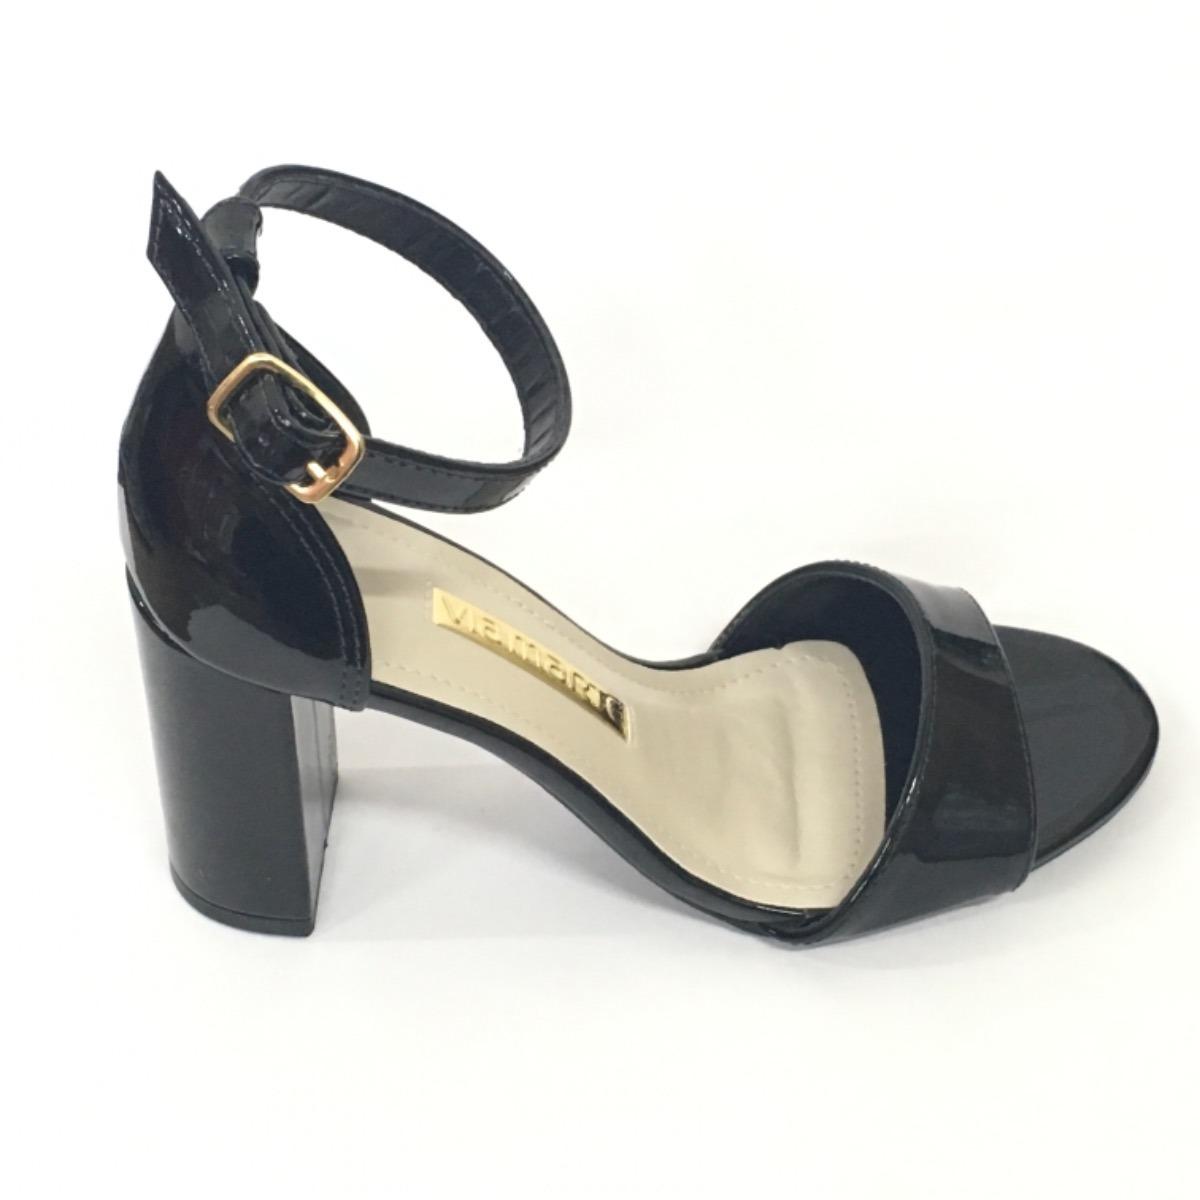 6ce8effc36b sandalias vía marte dama de fiesta color negro del 35 al 40. Cargando zoom.